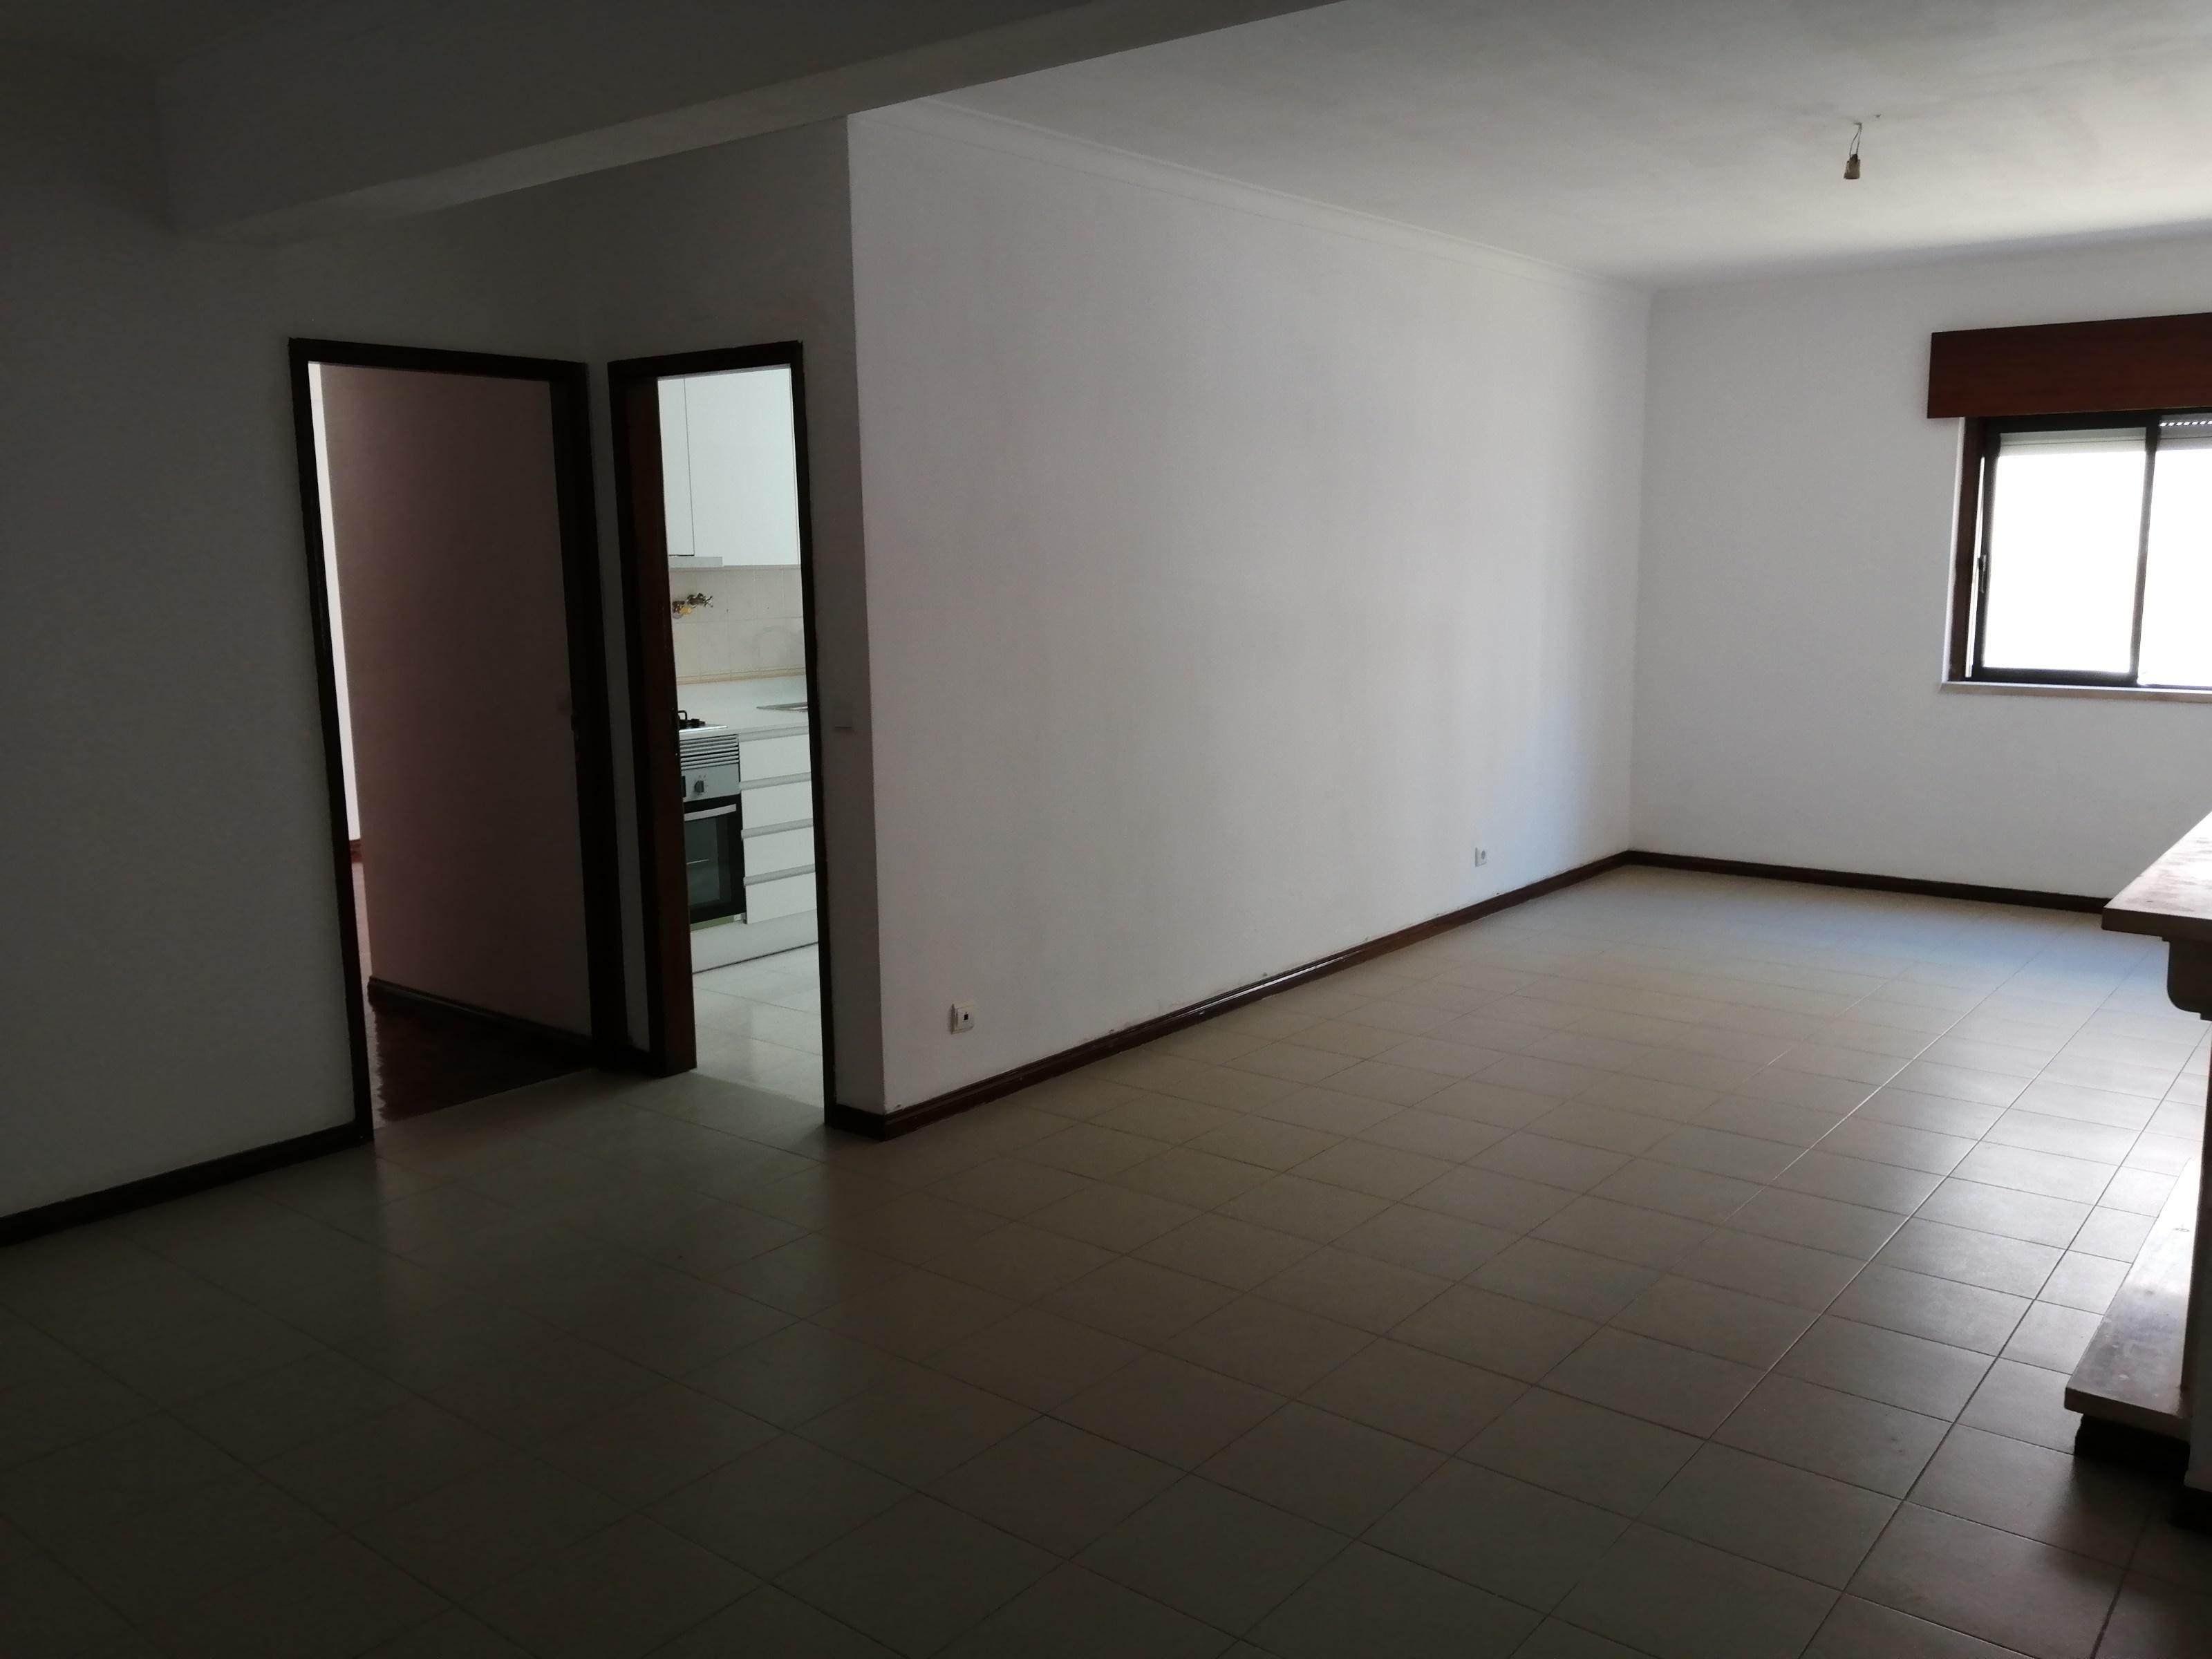 למכירה- דירת 4 חדרים, מטרופולין ליסבון